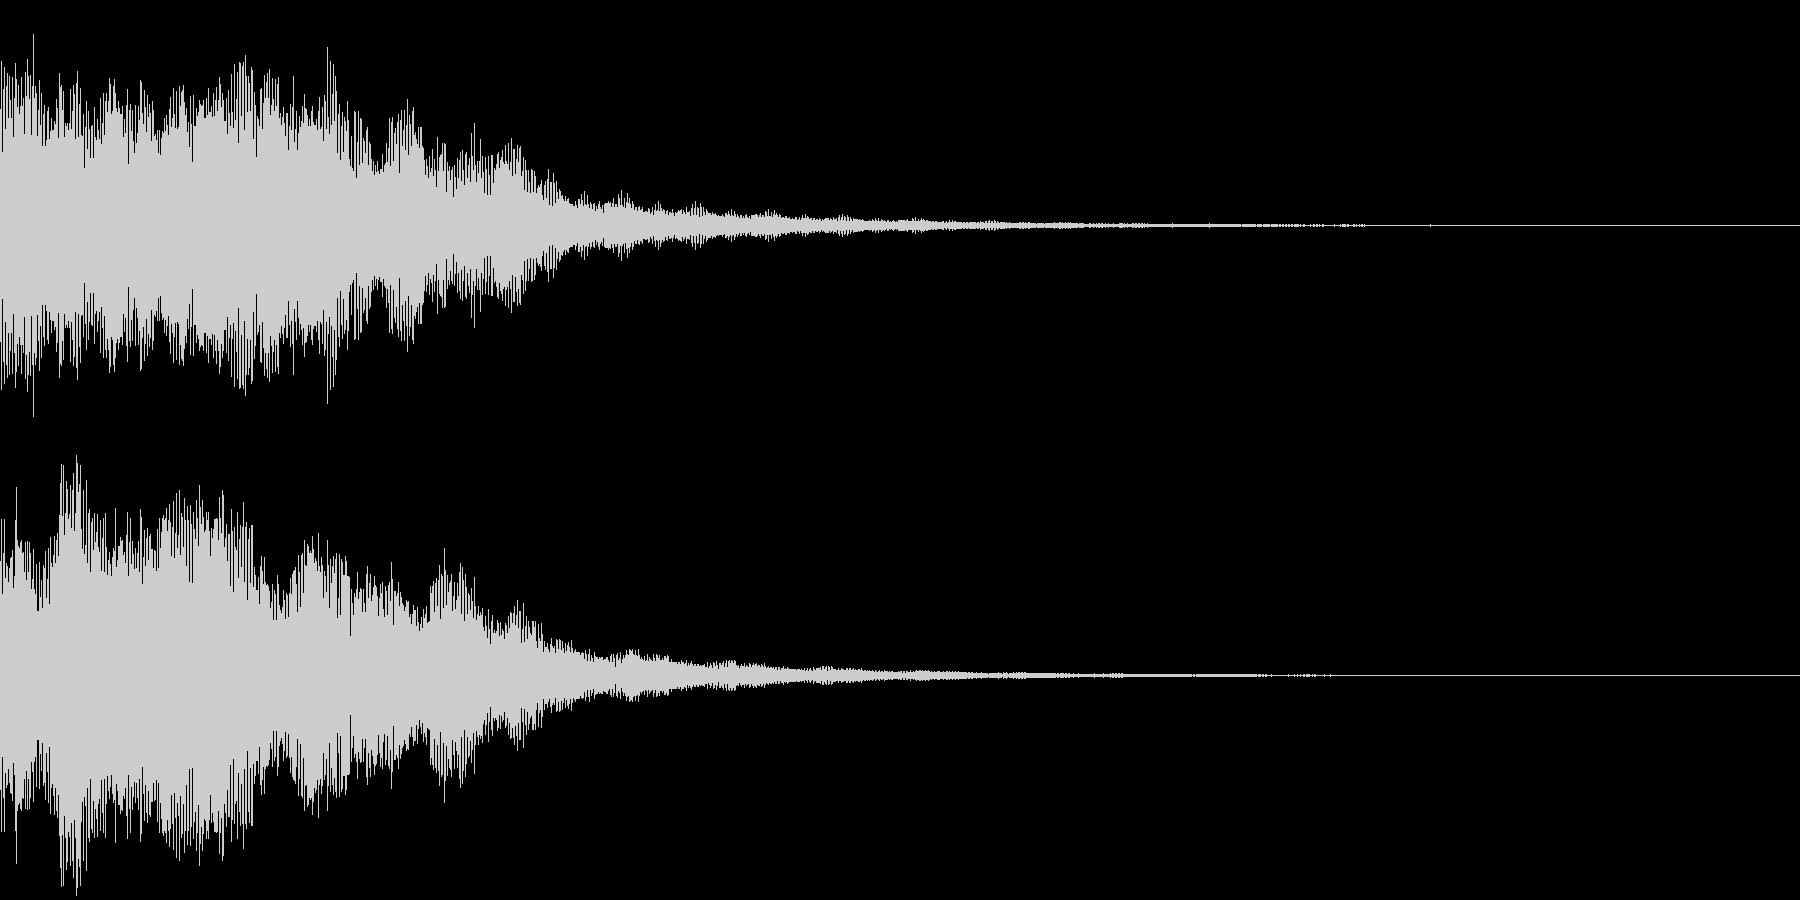 恐怖音11の未再生の波形